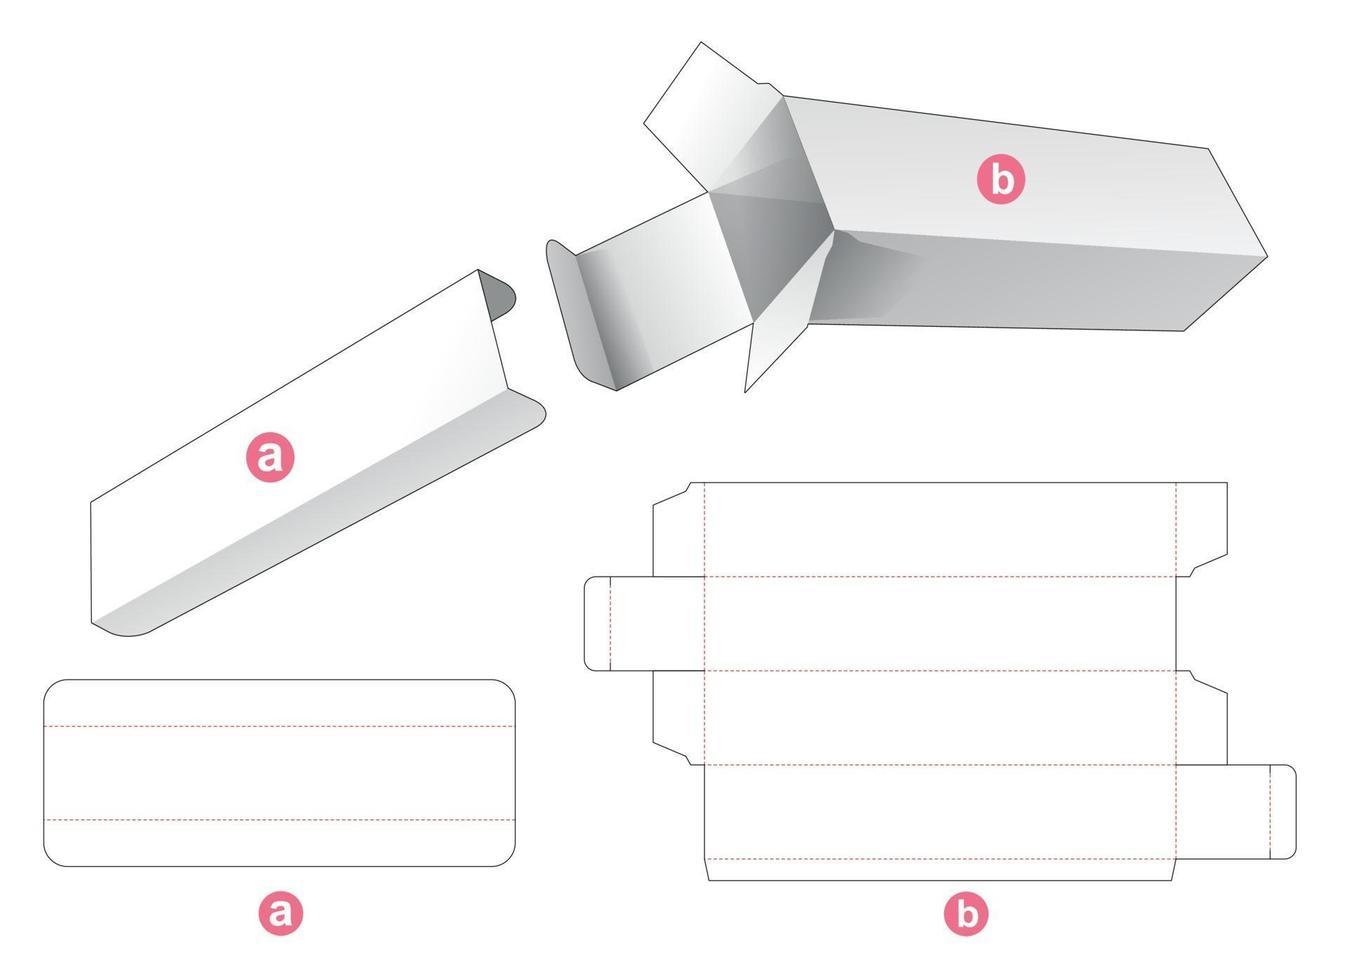 hoge verpakkingsdoos met tussenstuk gestanst sjabloon vector